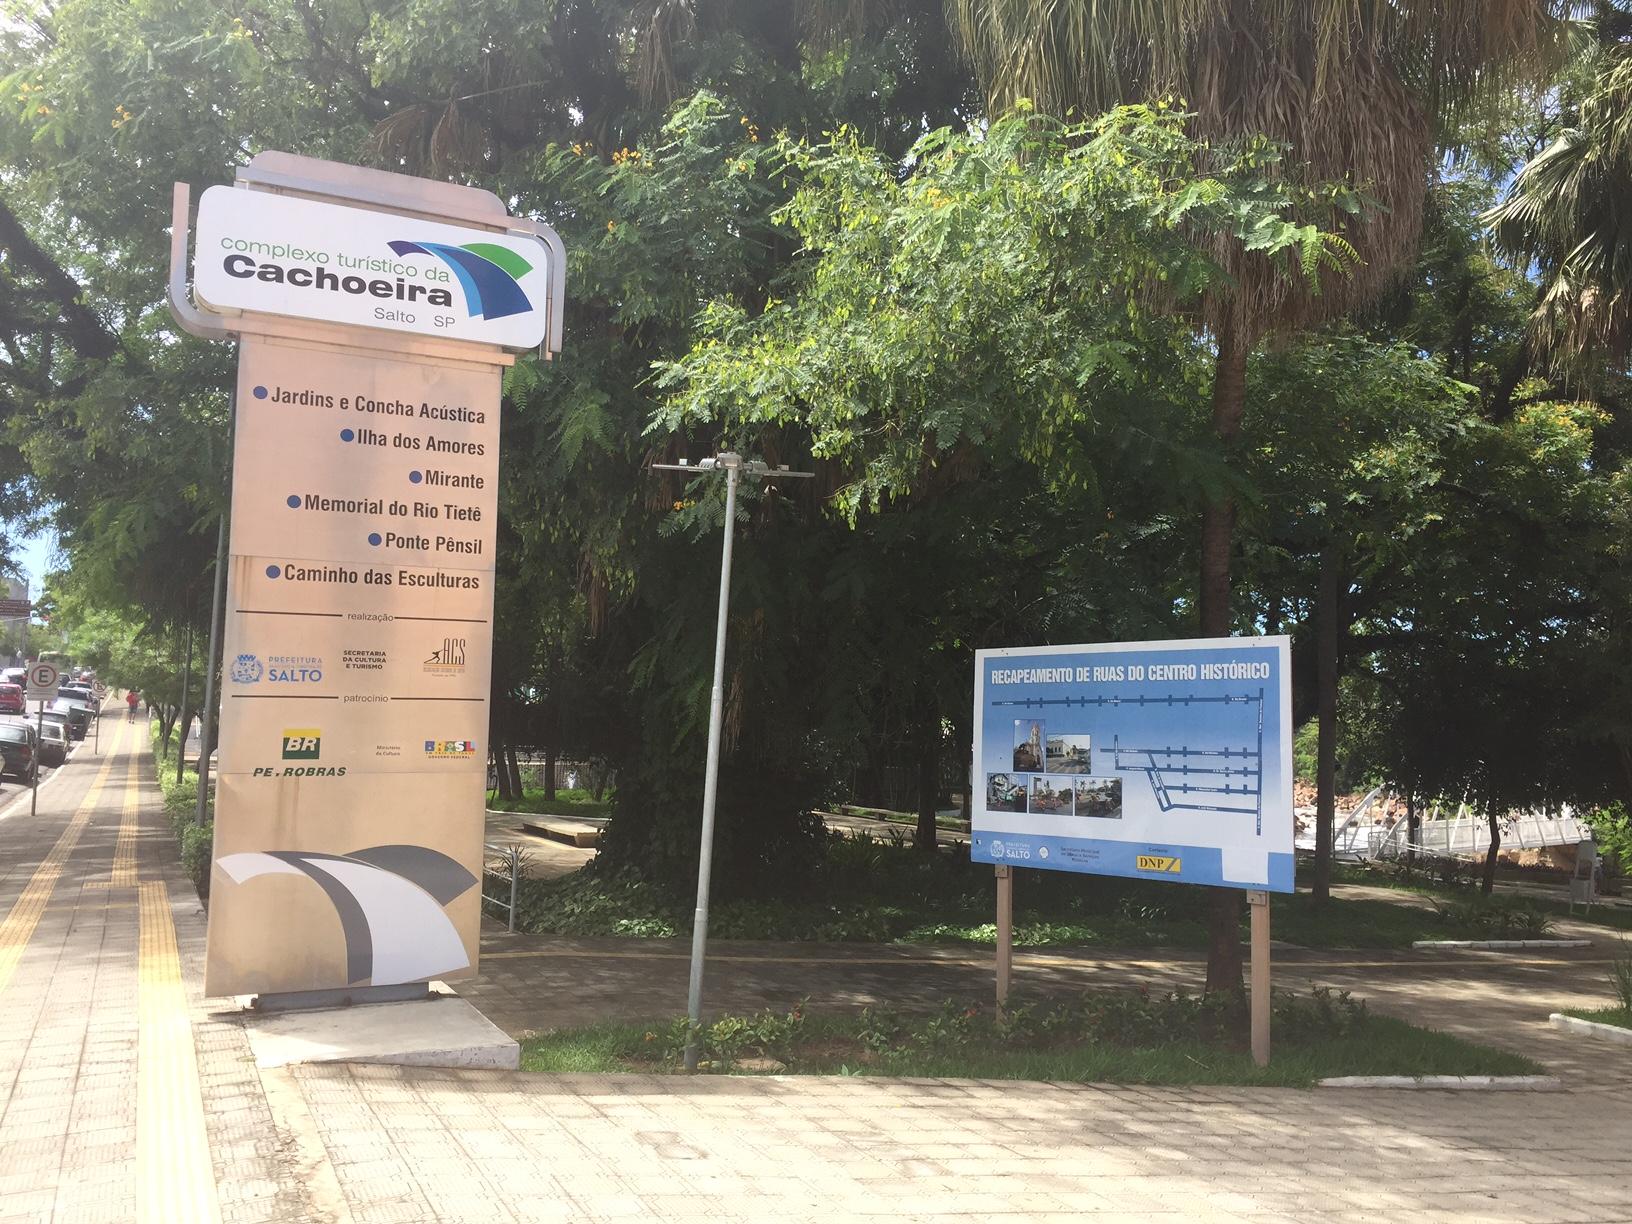 Complexo Turístico da Cachoeira